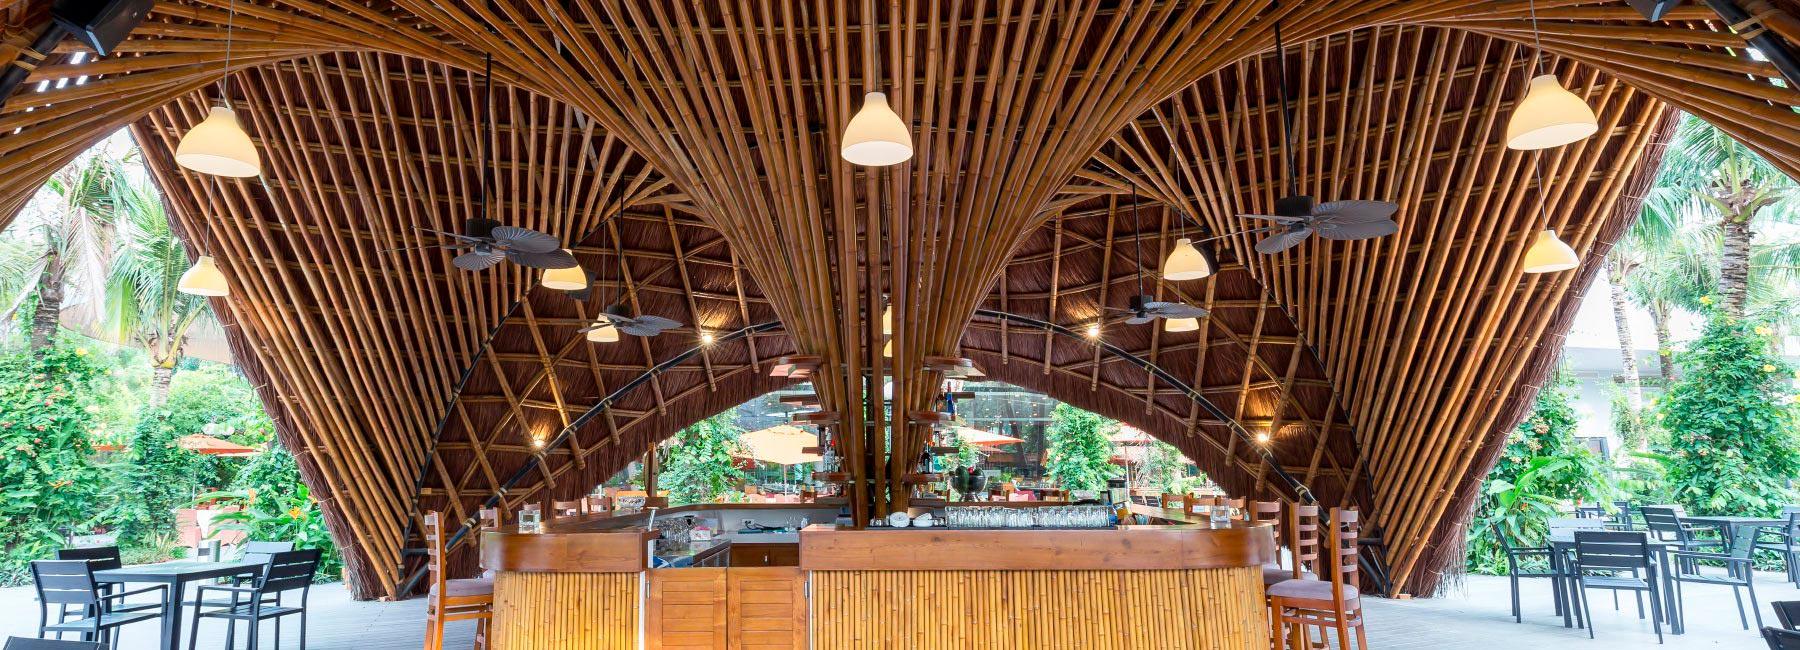 Bambubuild создали универсальный бамбуковый павильон, который можно повторно использовать и перемещать